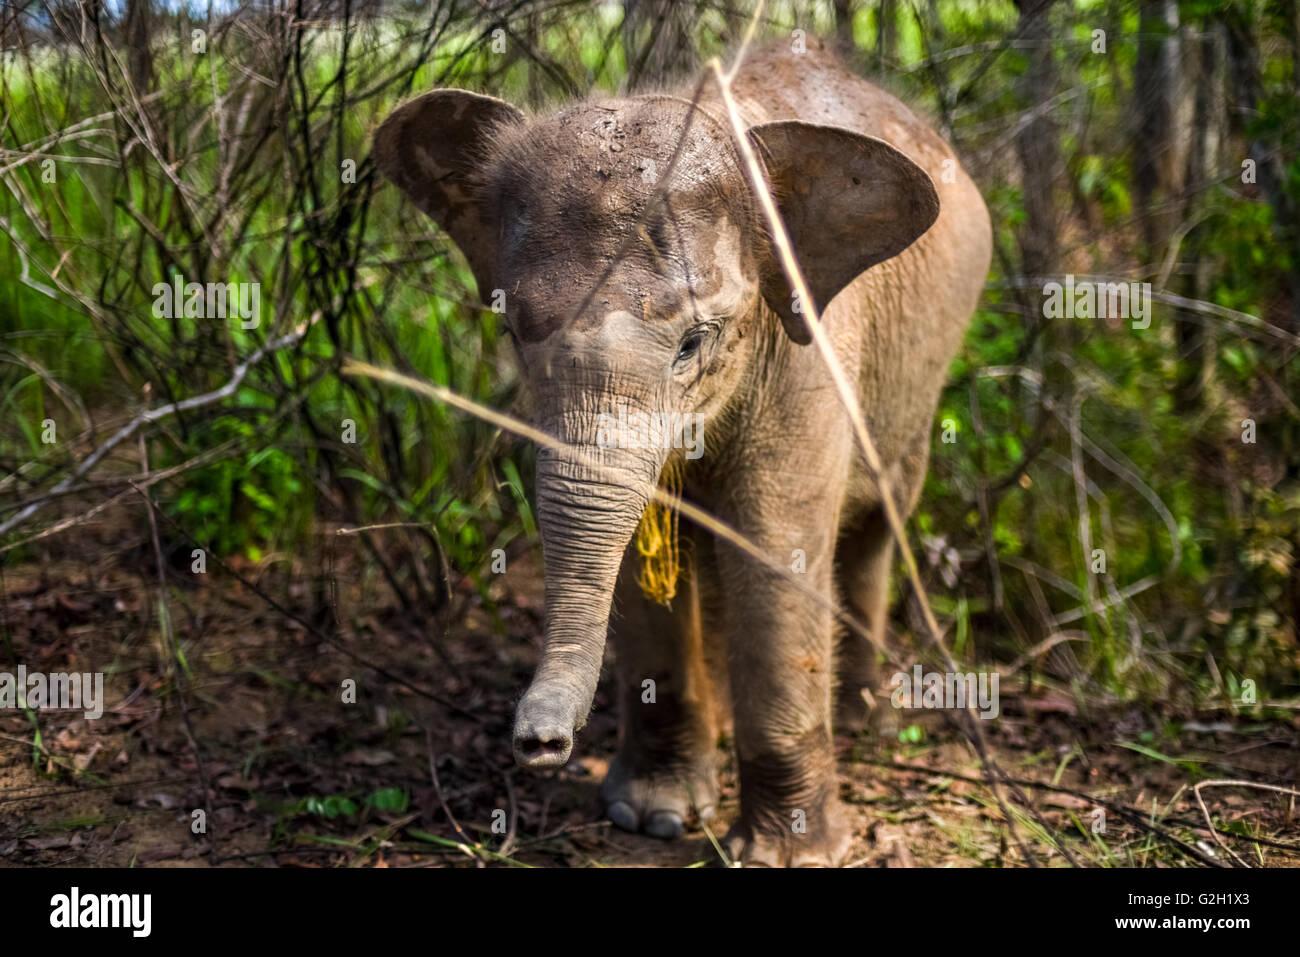 L'éléphant de Sumatra bébé dans les buissons. Le Parc National de Way Kambas, Sumatra, Indonésie. Photo Stock